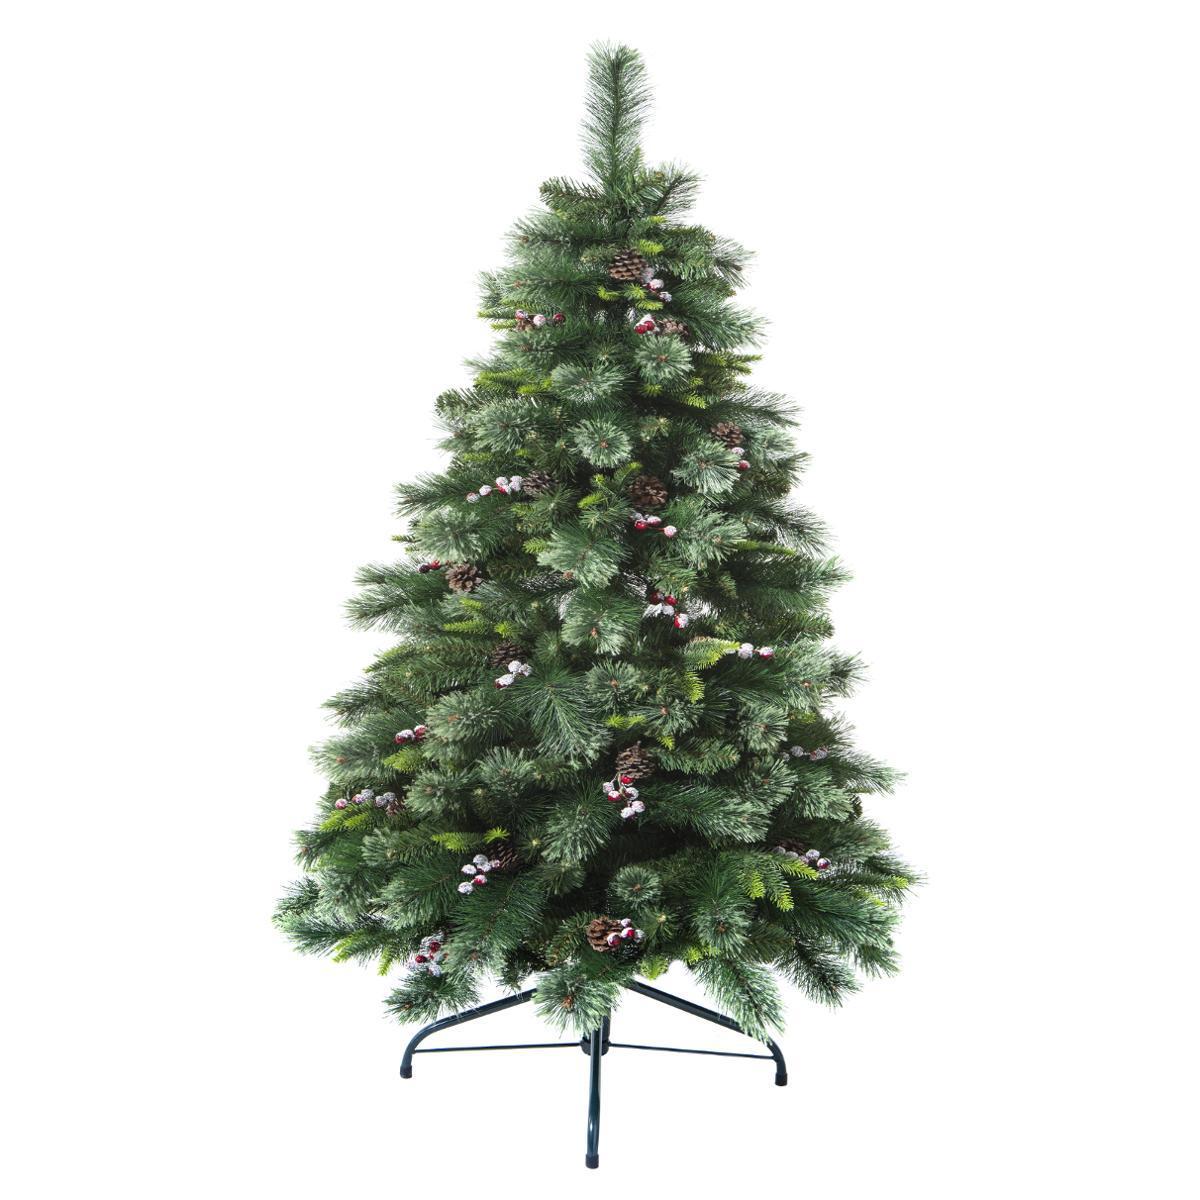 Feeric Christmas Sapin artificiel Wyoming 150 cm - Feeric Christmas